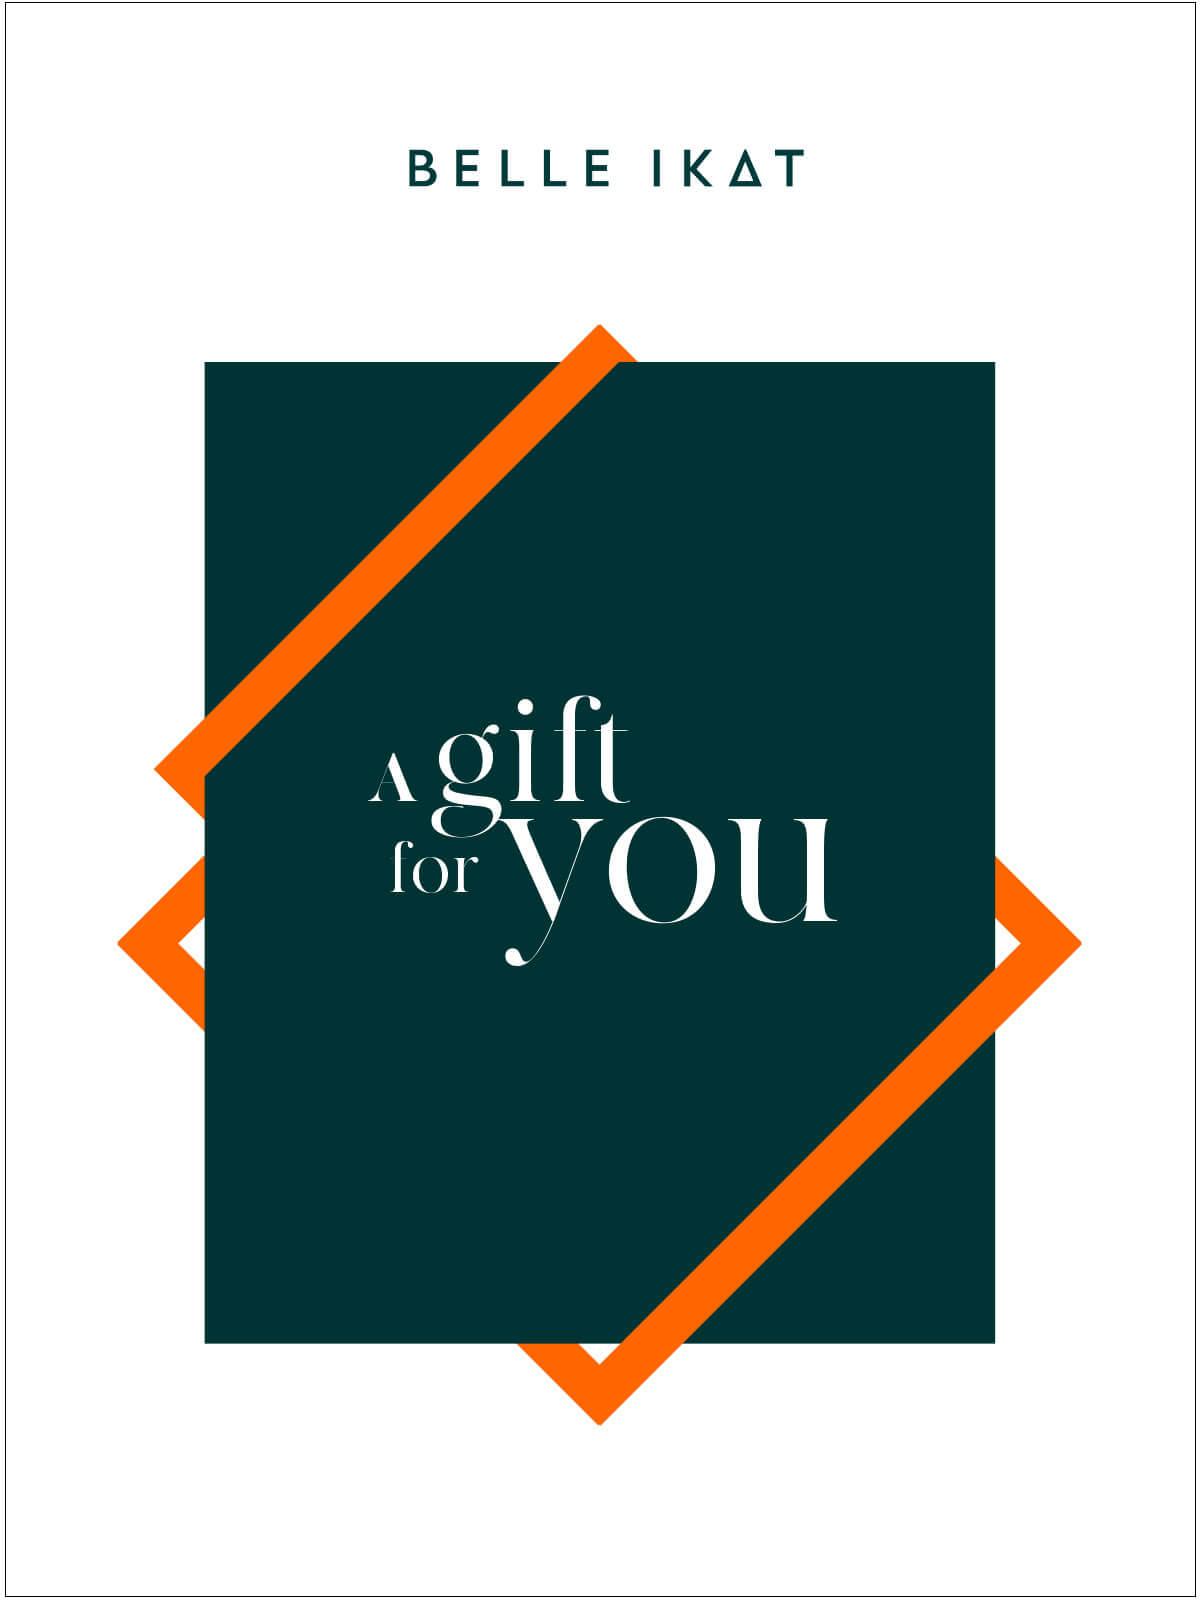 """Illustration von einem grünen Rechteck und Schriftzug """"A gift for you"""""""